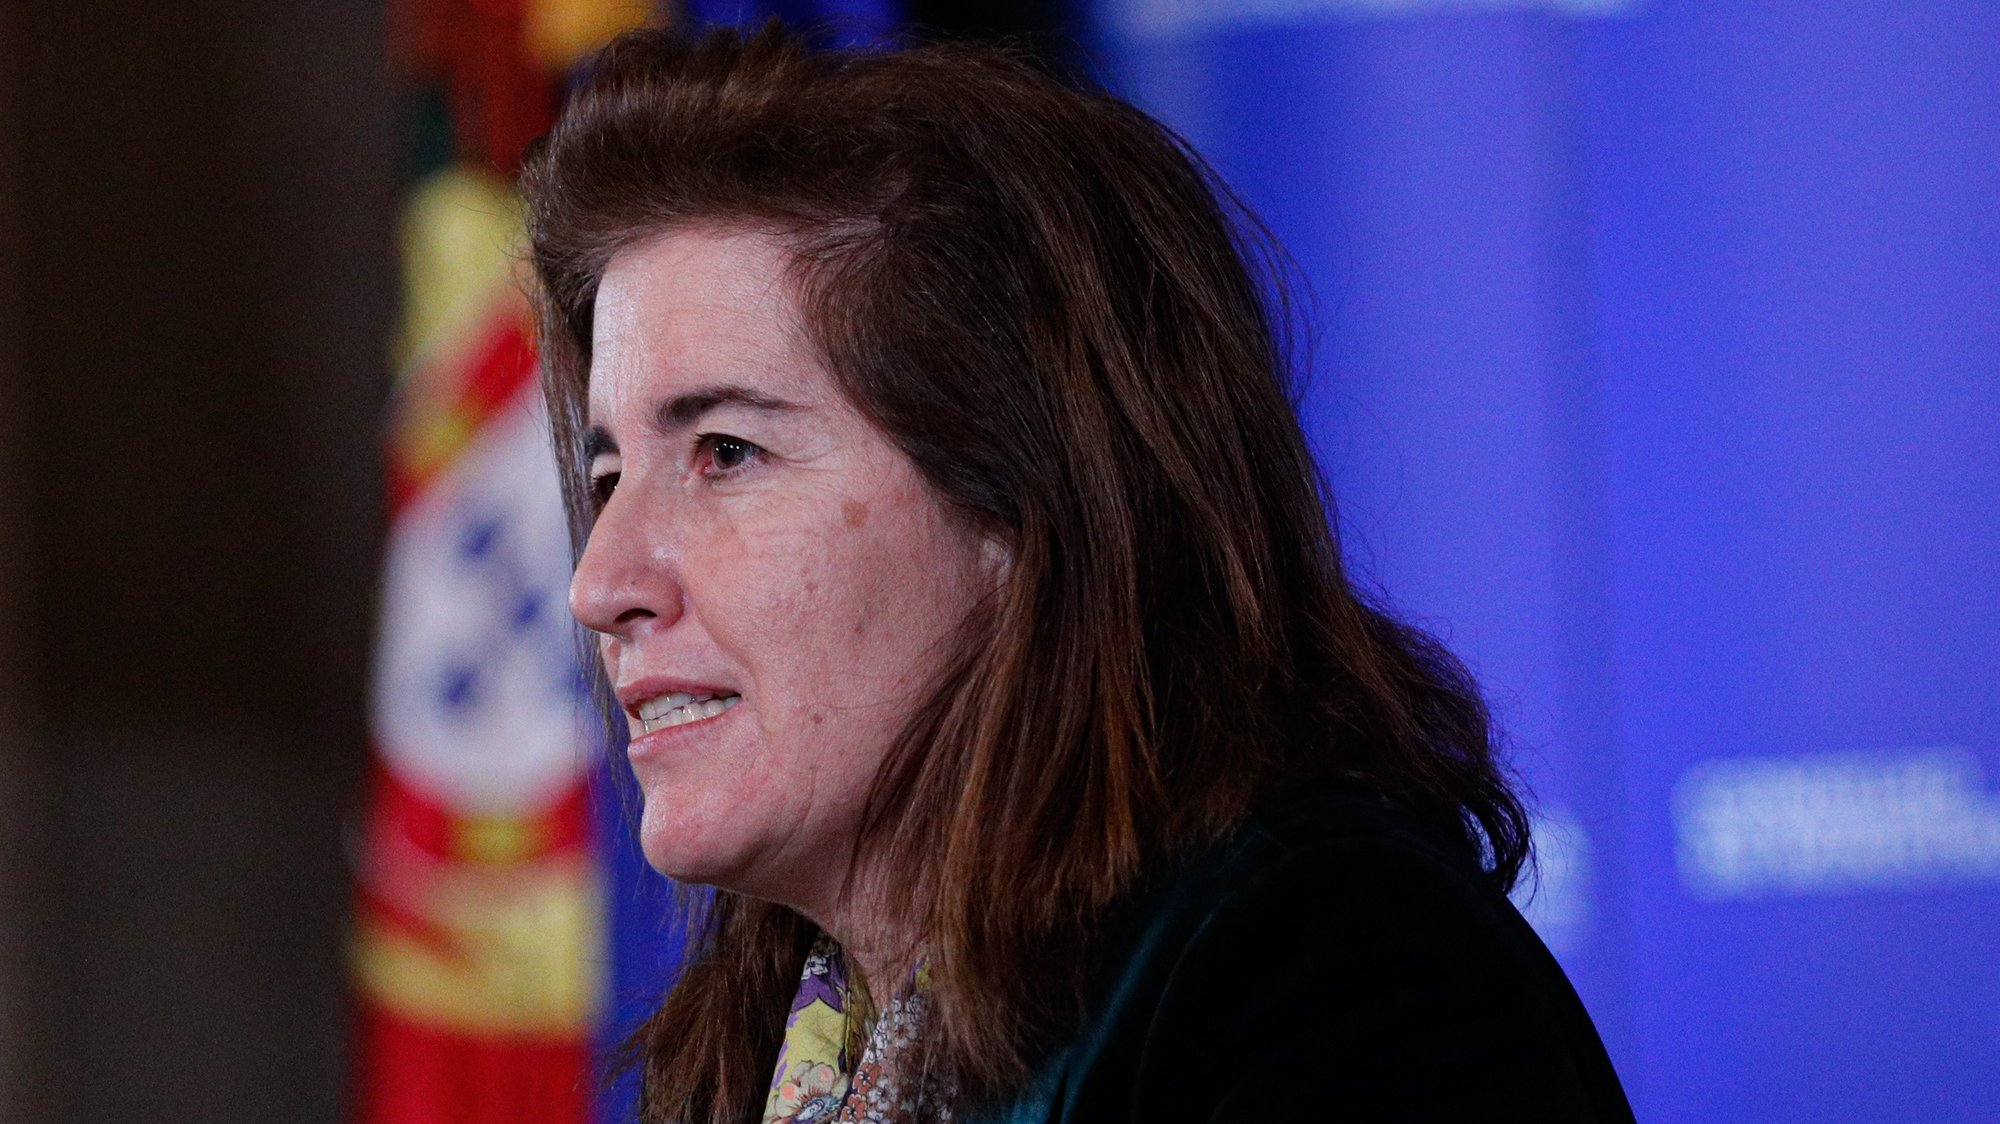 A ministra do Trabalho, Solidariedade e Segurança Social, Ana Mendes Godinho, durante a conferência de  imprensa no final da reunião do Conselho de Ministros, que decorreu no Palácio da Ajuda, em Lisboa, 18 de fevereiro de 2021. ANTÓNIO COTRIM/LUSA